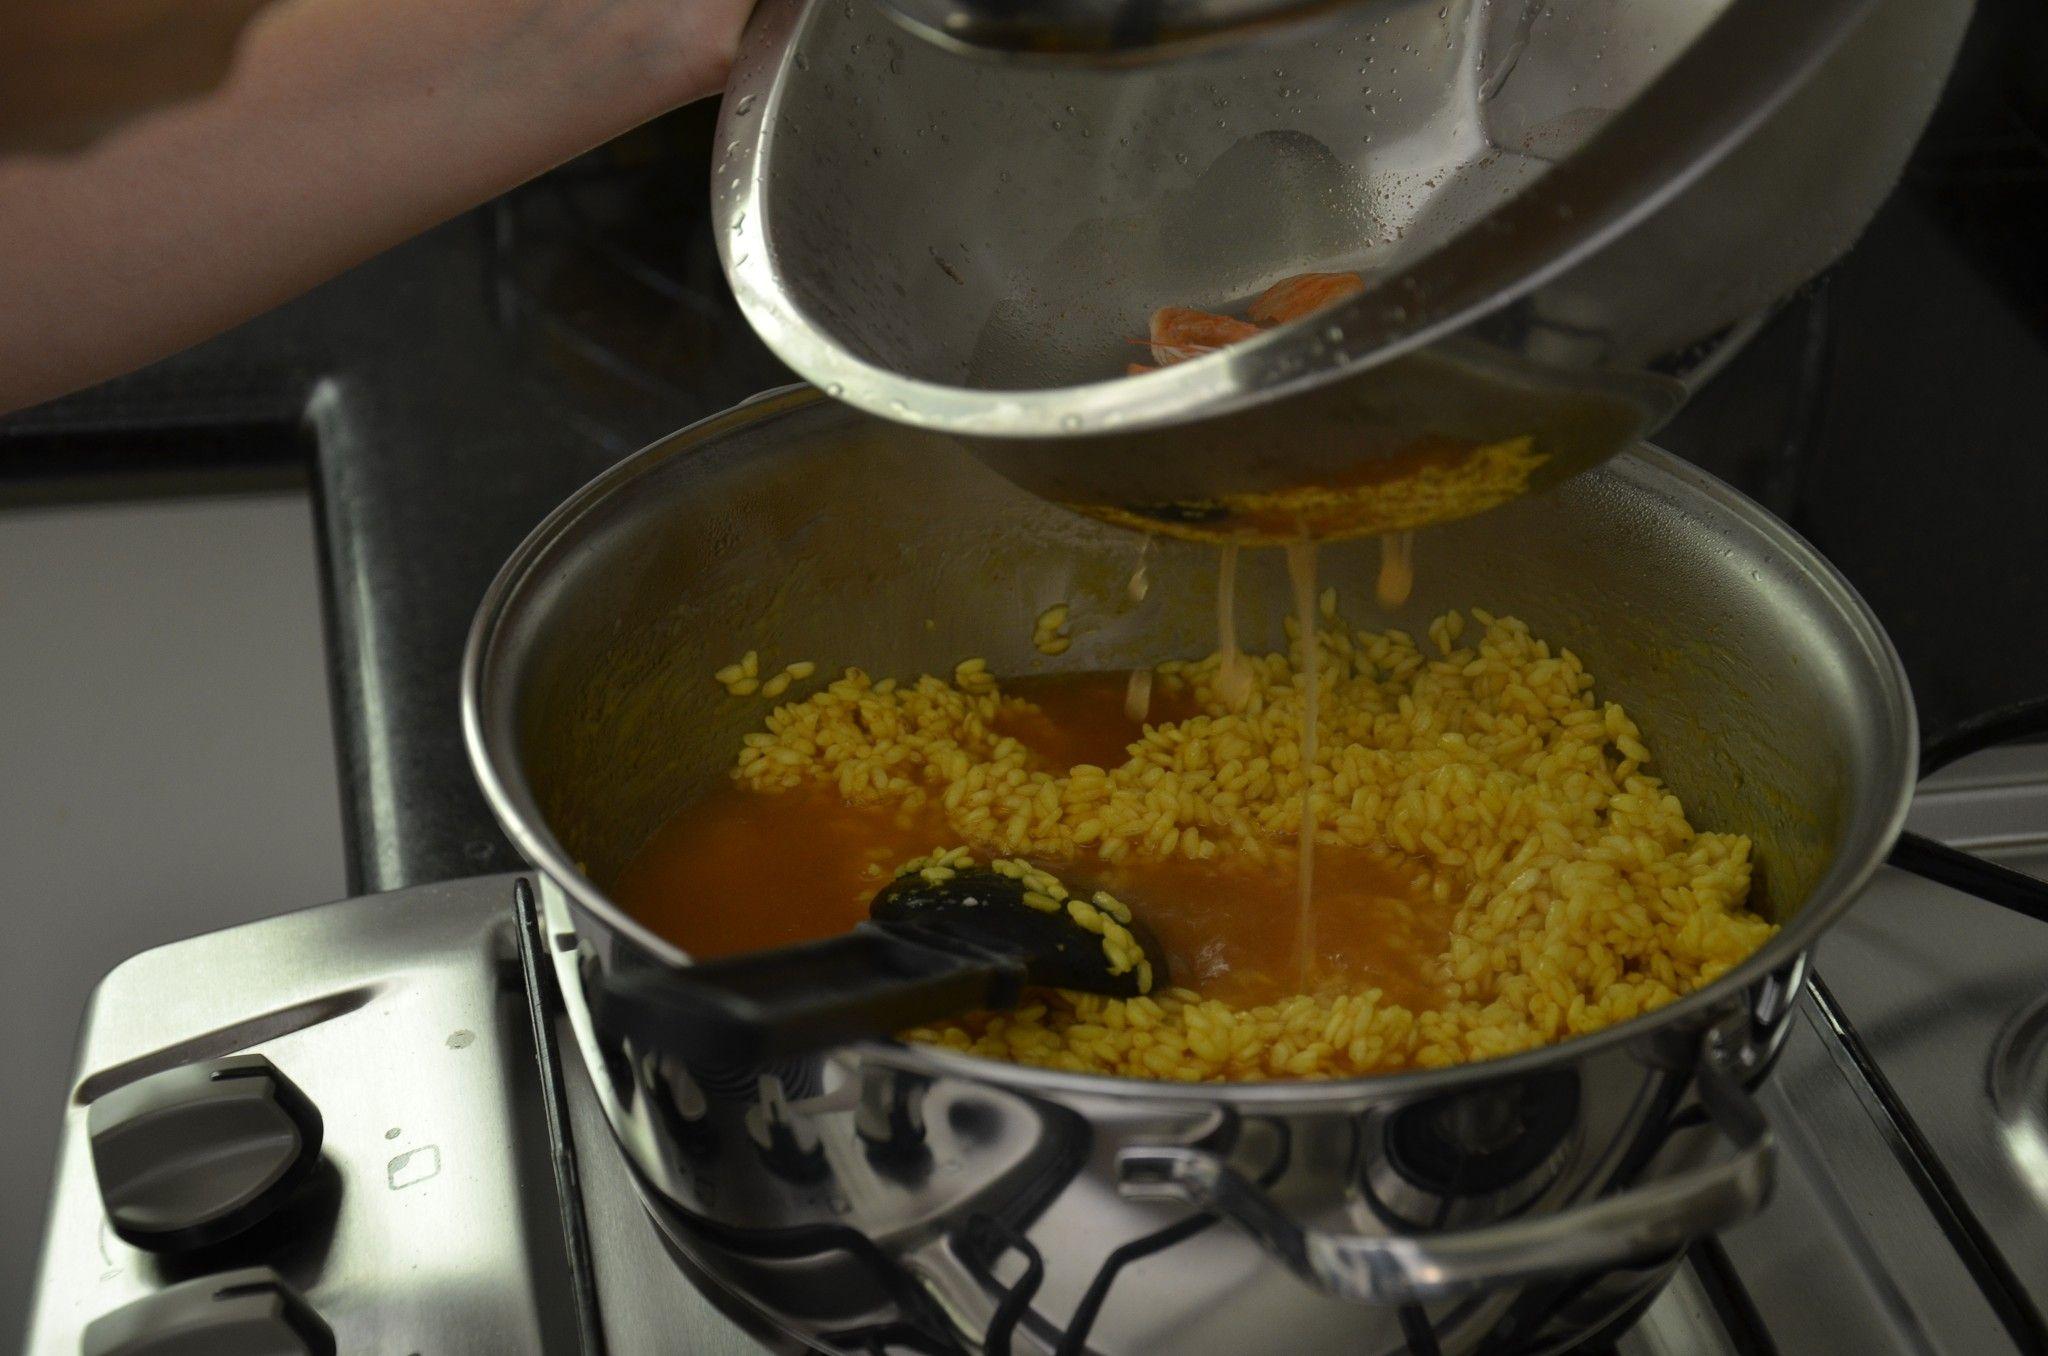 Acrescentando o caldo feito a partir das cascas do camarão.